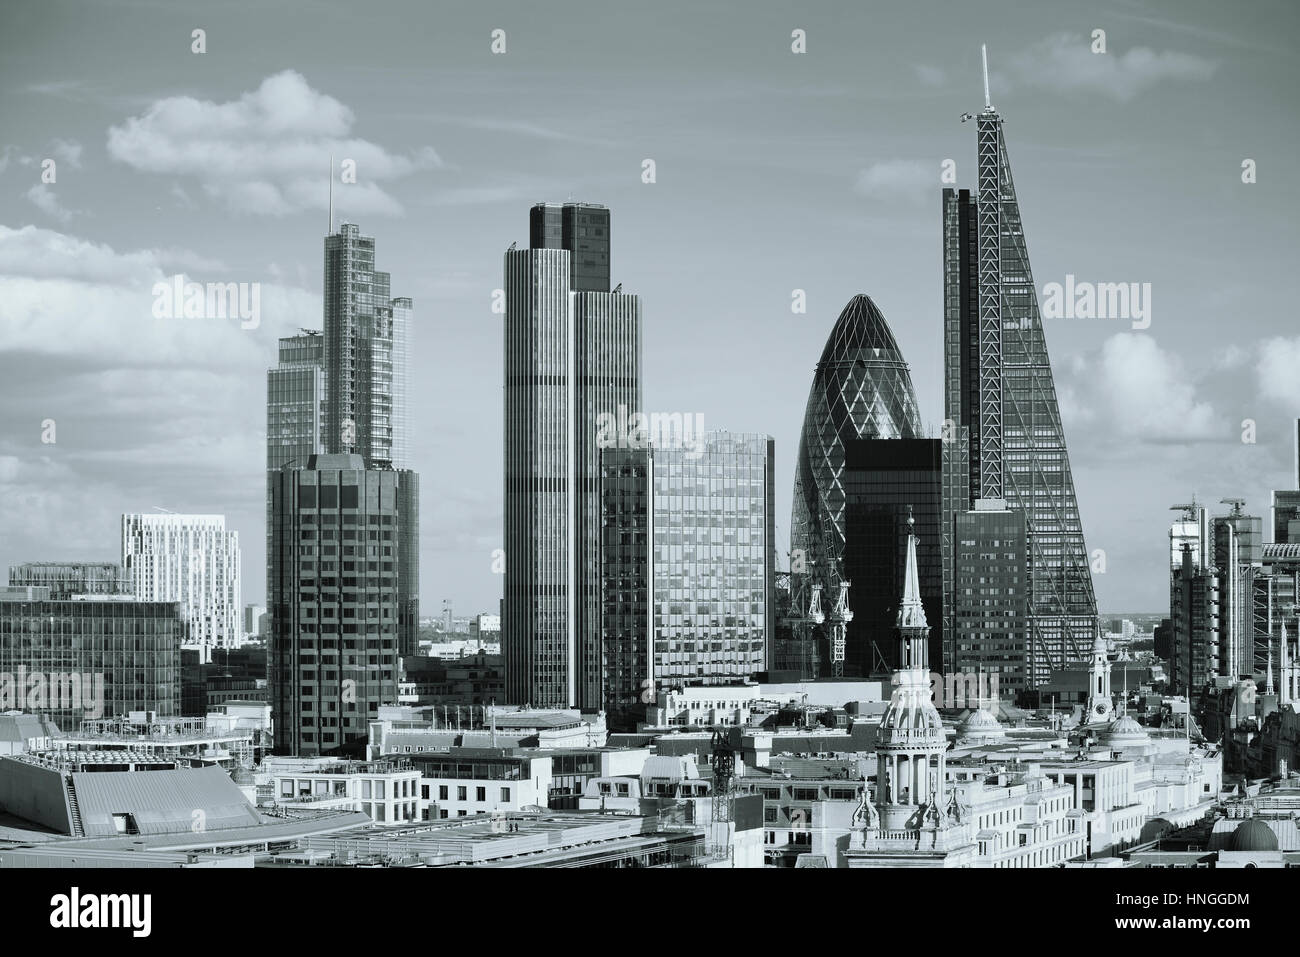 London auf dem Dach Stadtansicht mit städtischen Architekturen. Stockfoto